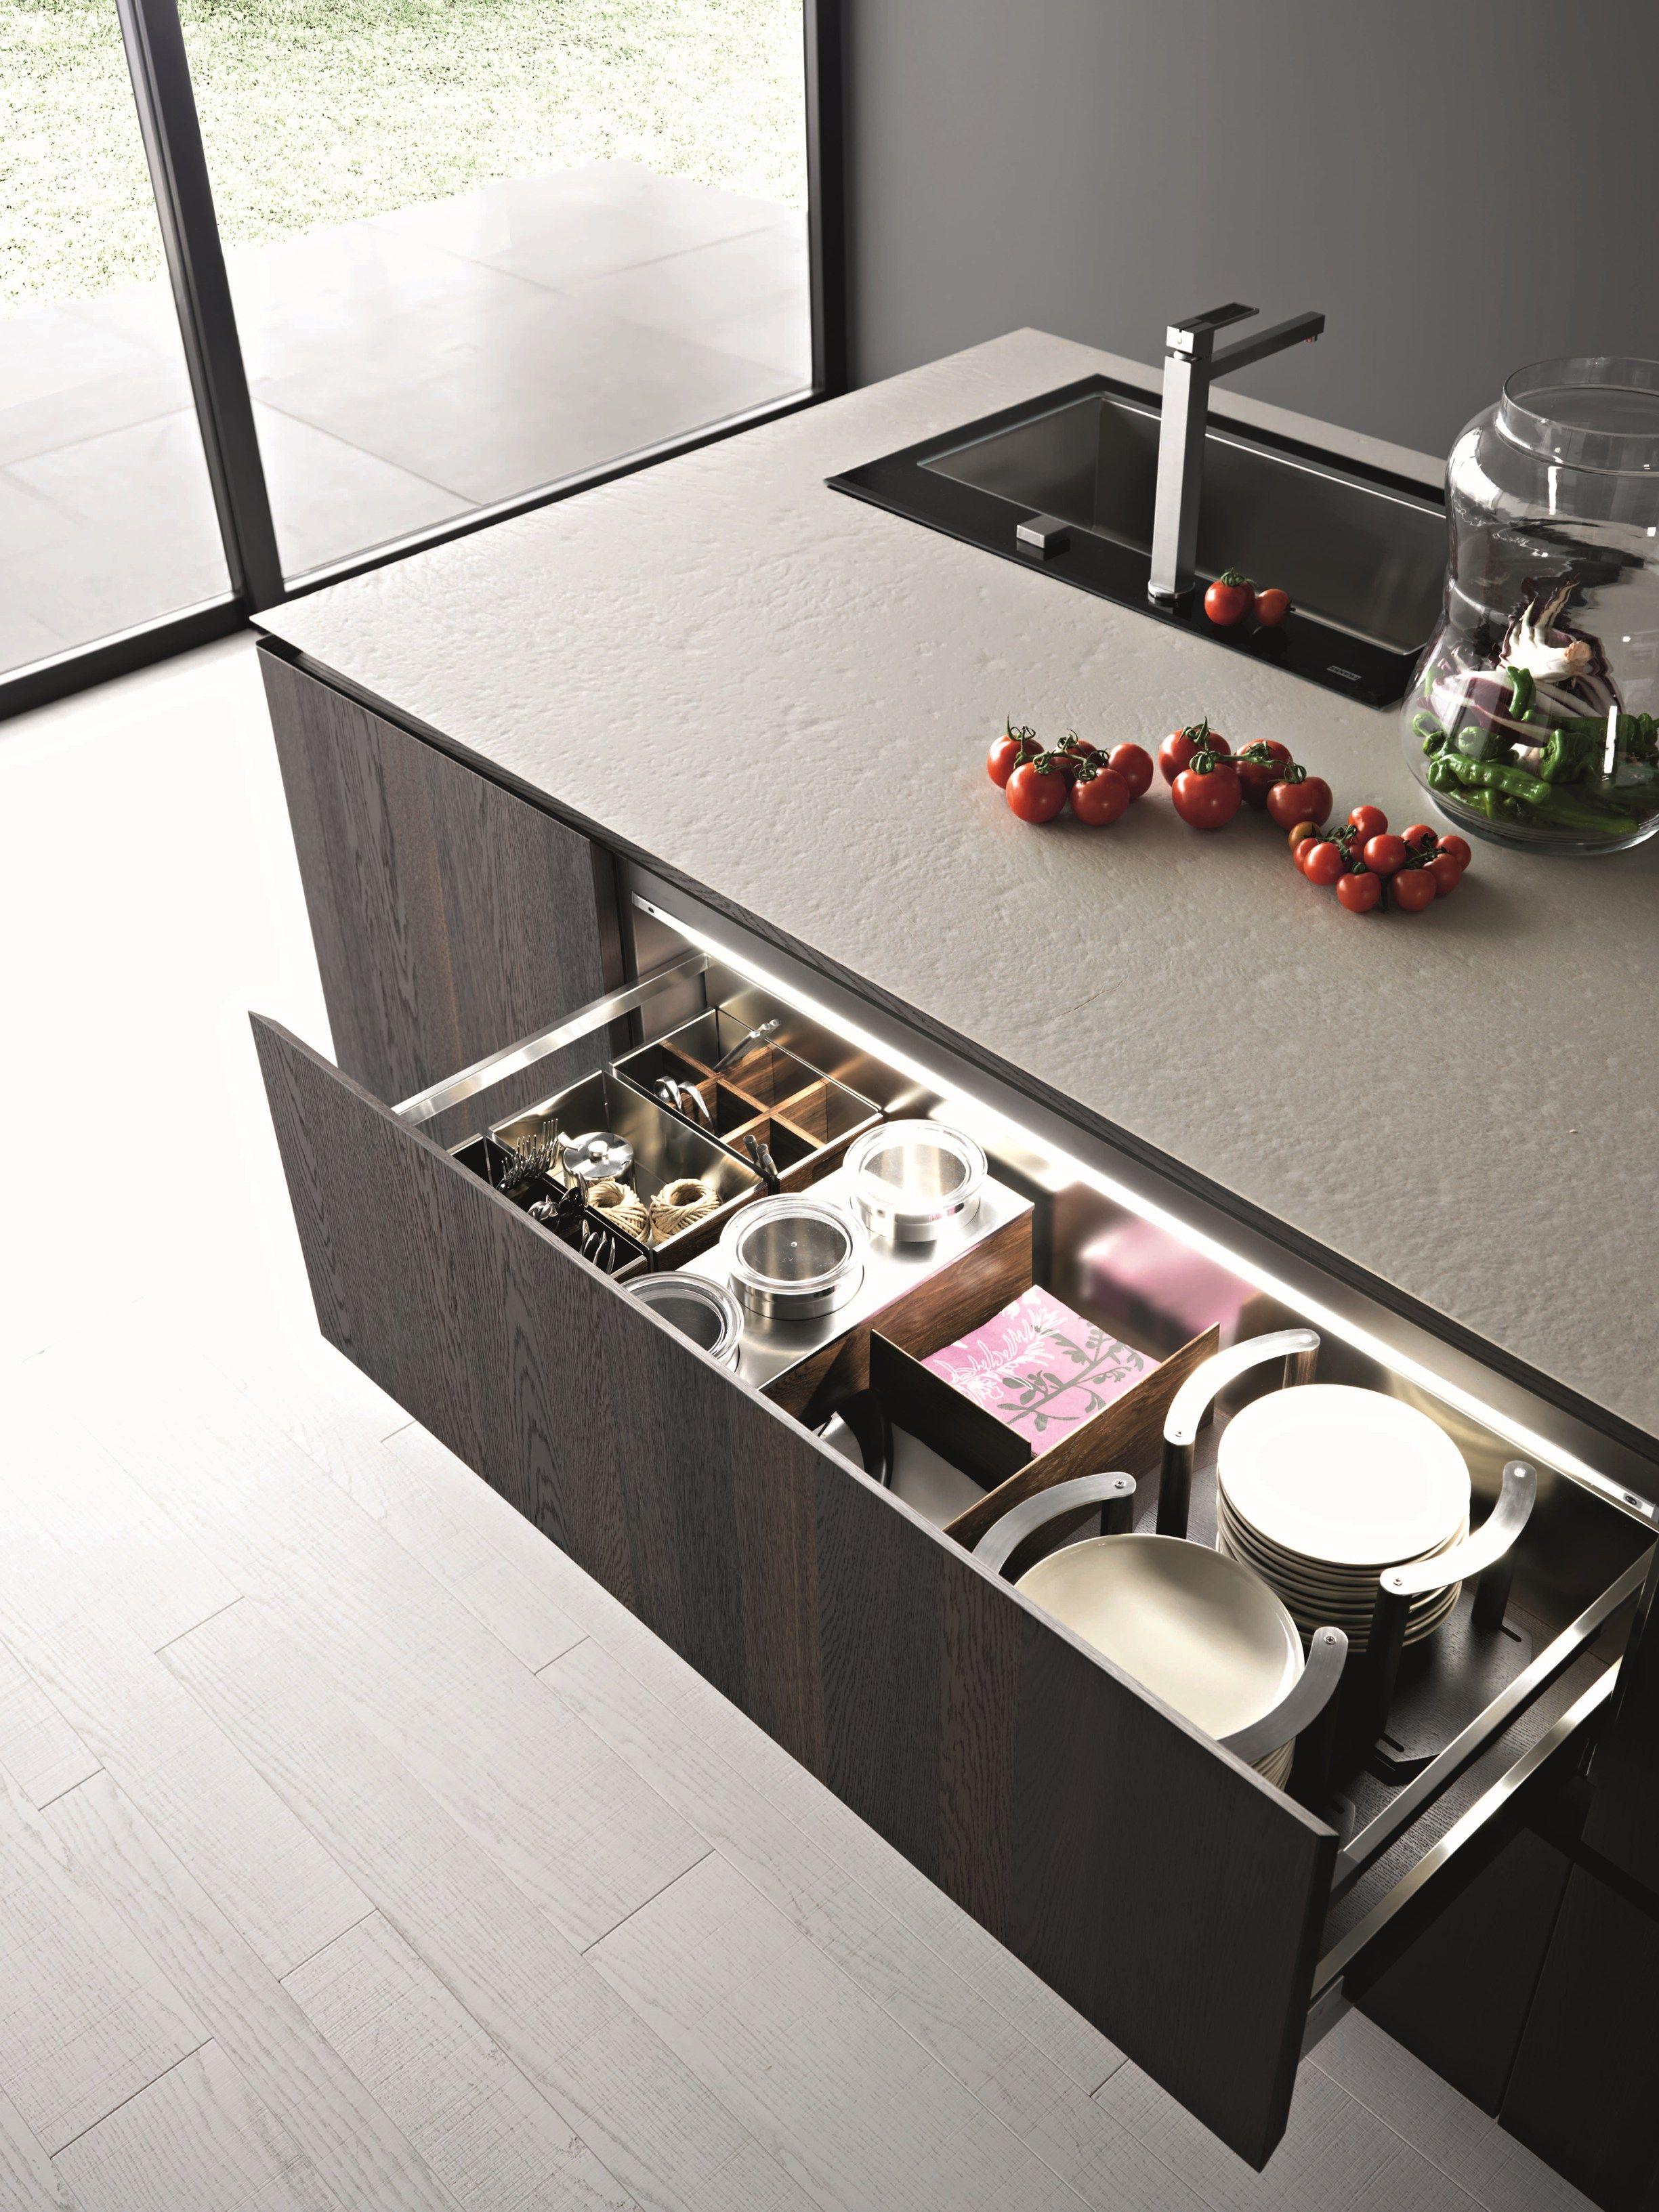 Cucina in legno con isola elle composizione 2 by cesar arredamenti design gian vittorio plazzogna - Cucina a elle ...